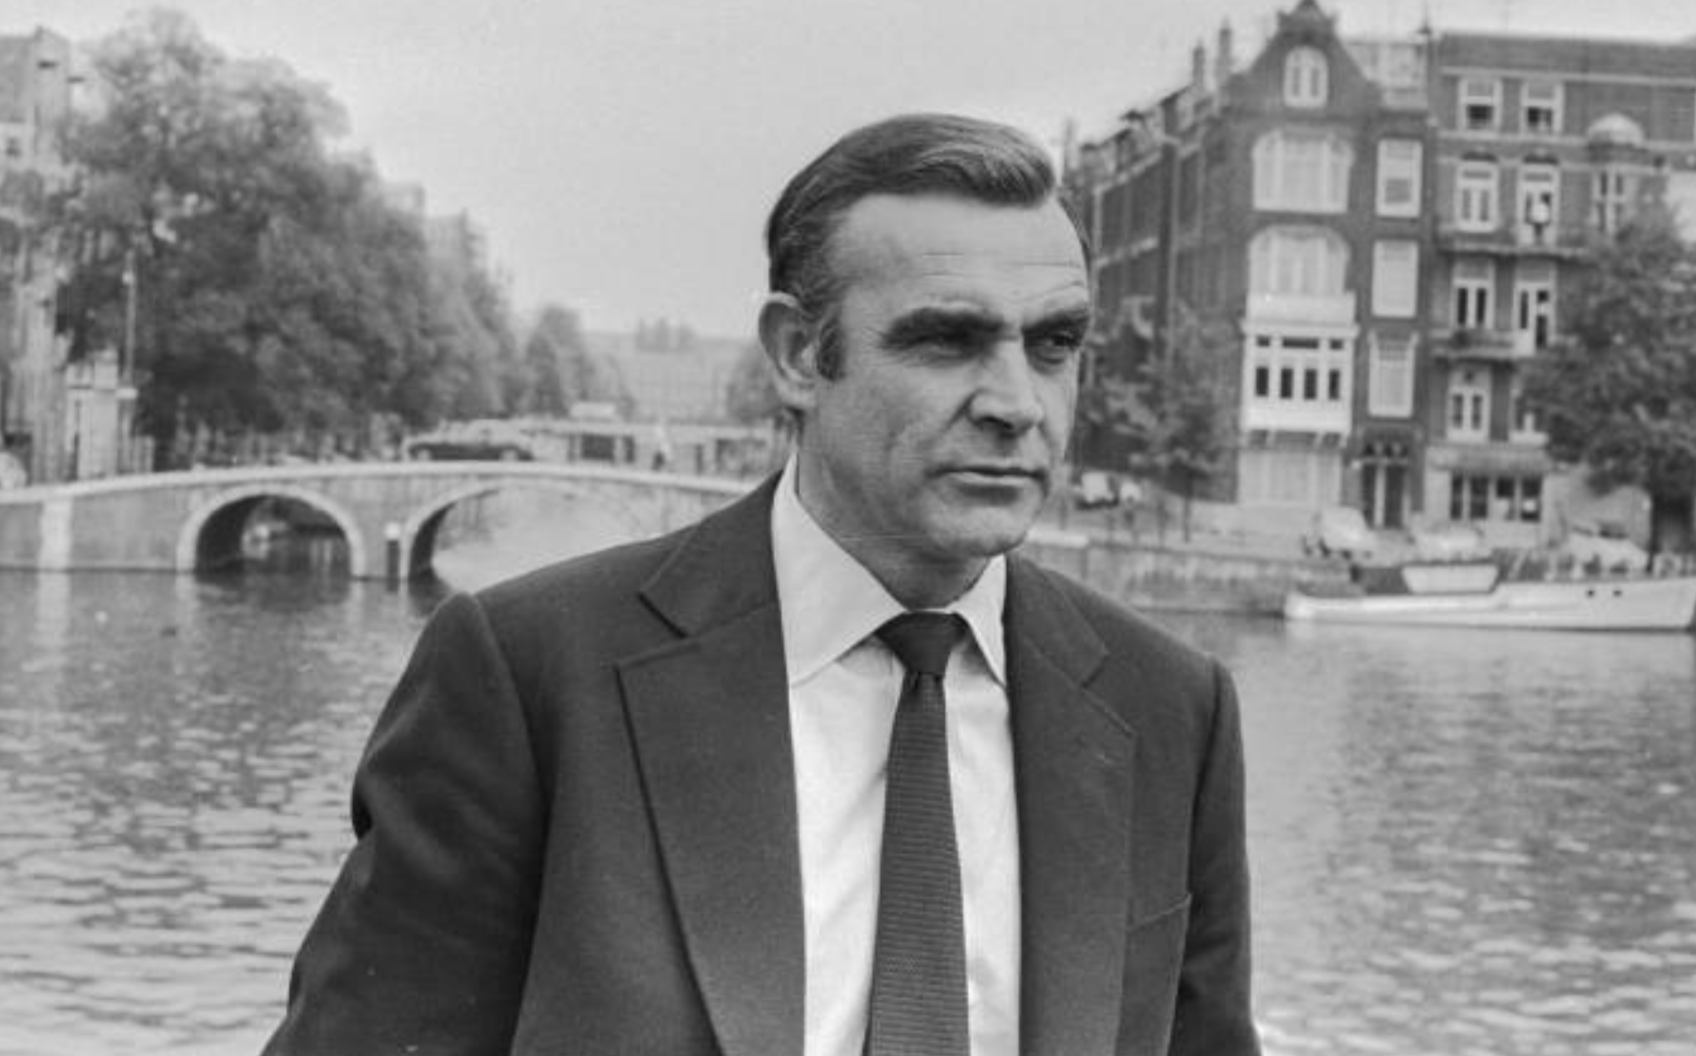 初代007饰演者肖恩·康纳利离世,享年90岁